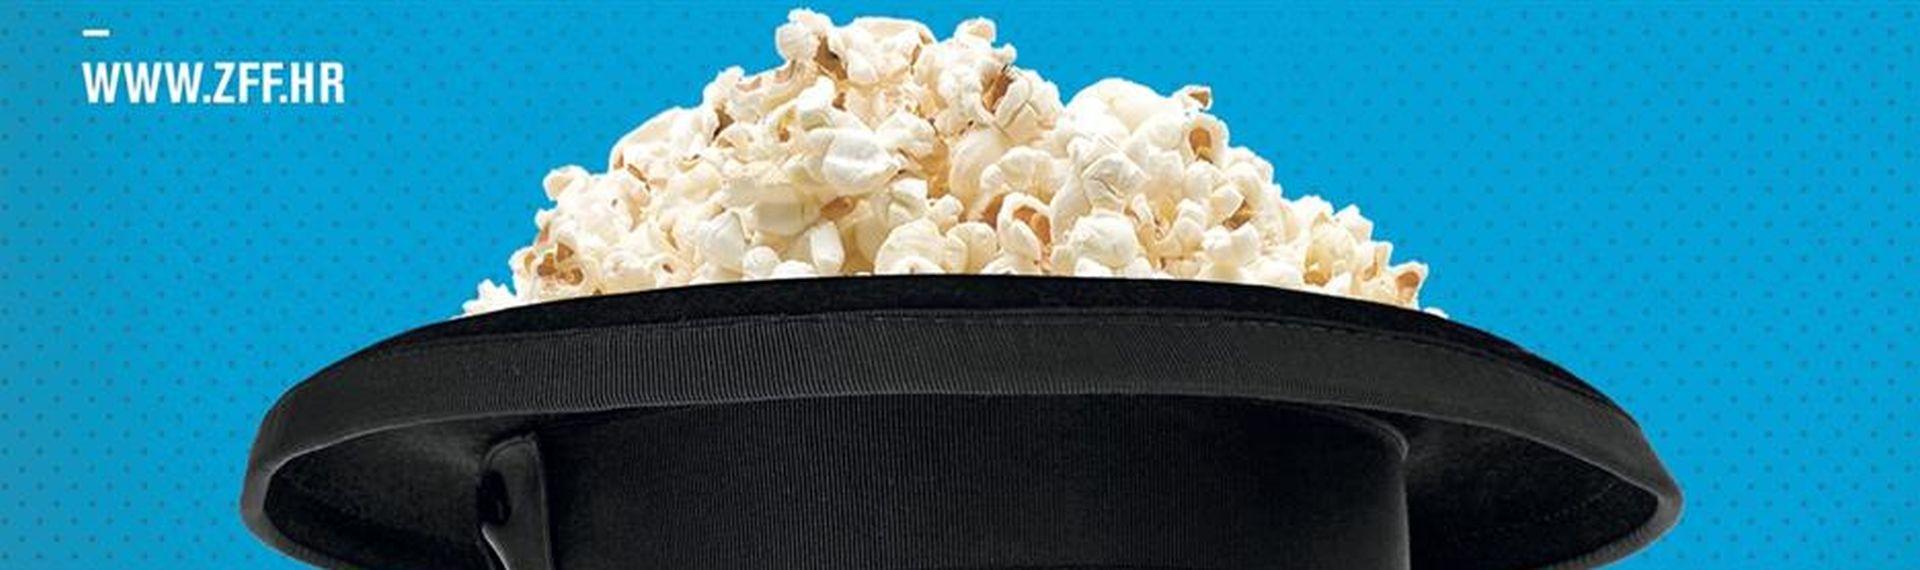 U subotu počinje 15. Zagreb Film Festival!